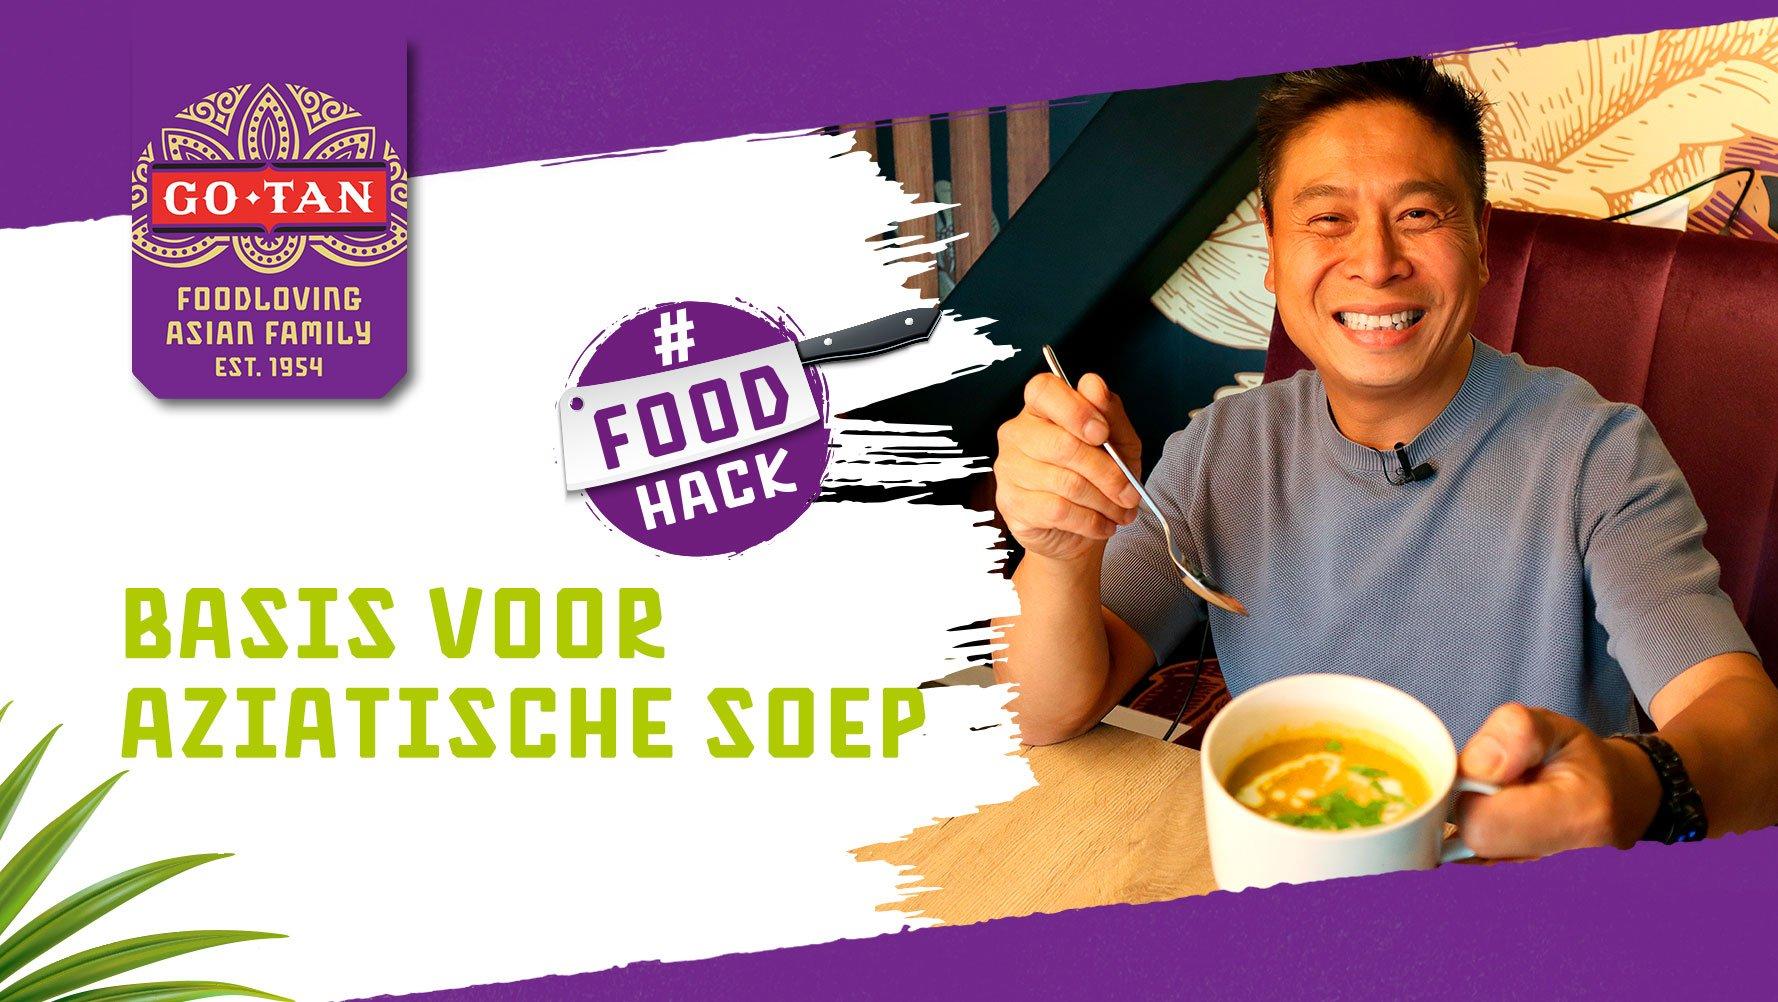 Miniatuur_YT12_Foodhack_Basis_voor_Aziatische_soep_V1.jpg